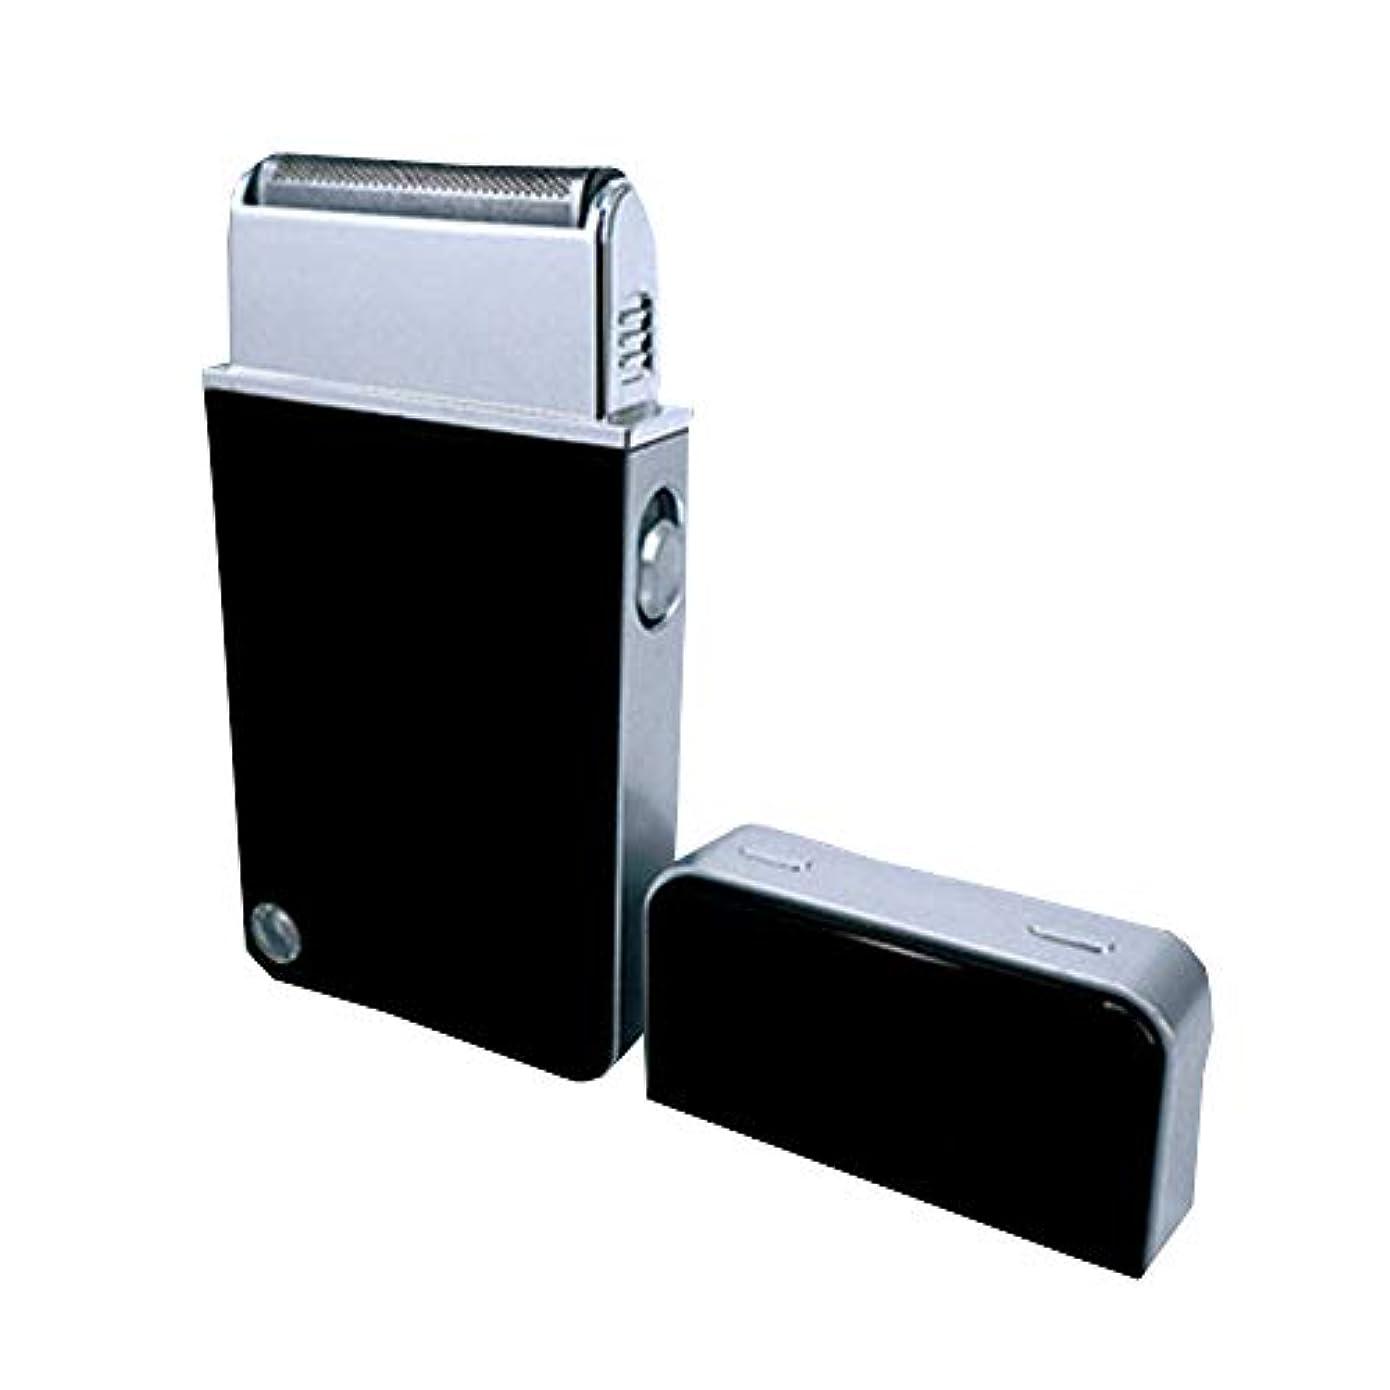 協同することになっている依存シェーバー メンズ 髭剃り USB充電式 電気シェーバー 男性 電動 旅行用 ひげ剃り ひげそり コンパクト